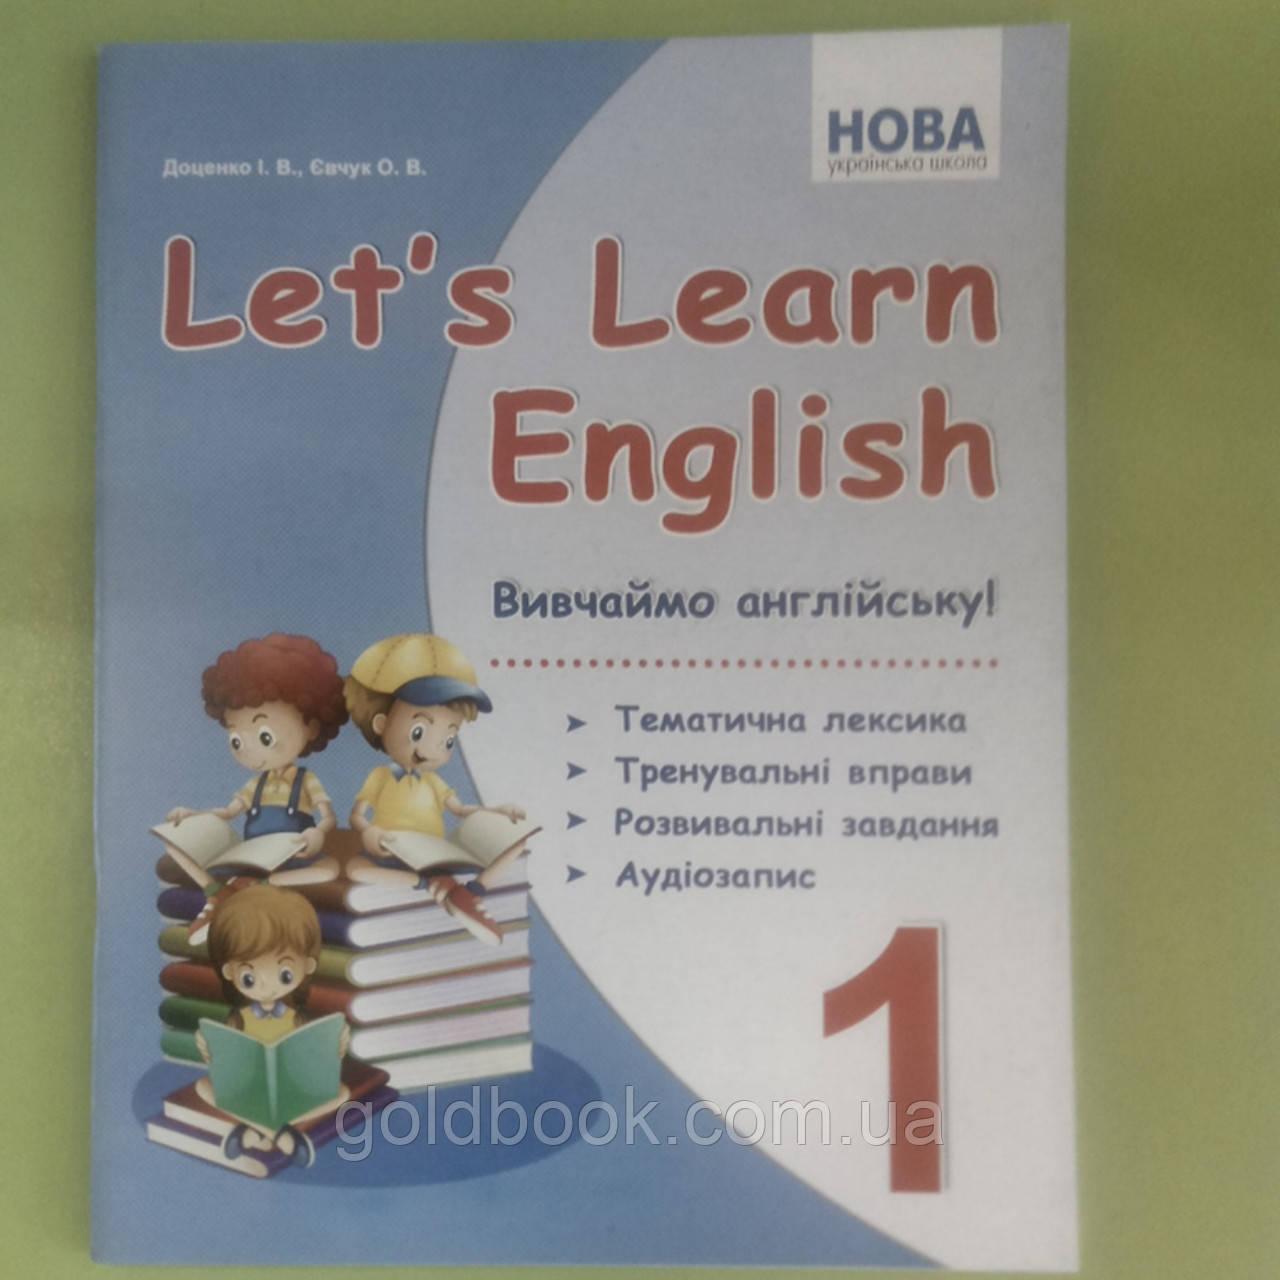 Англійська мова 1 клас посібник Let's Learn English